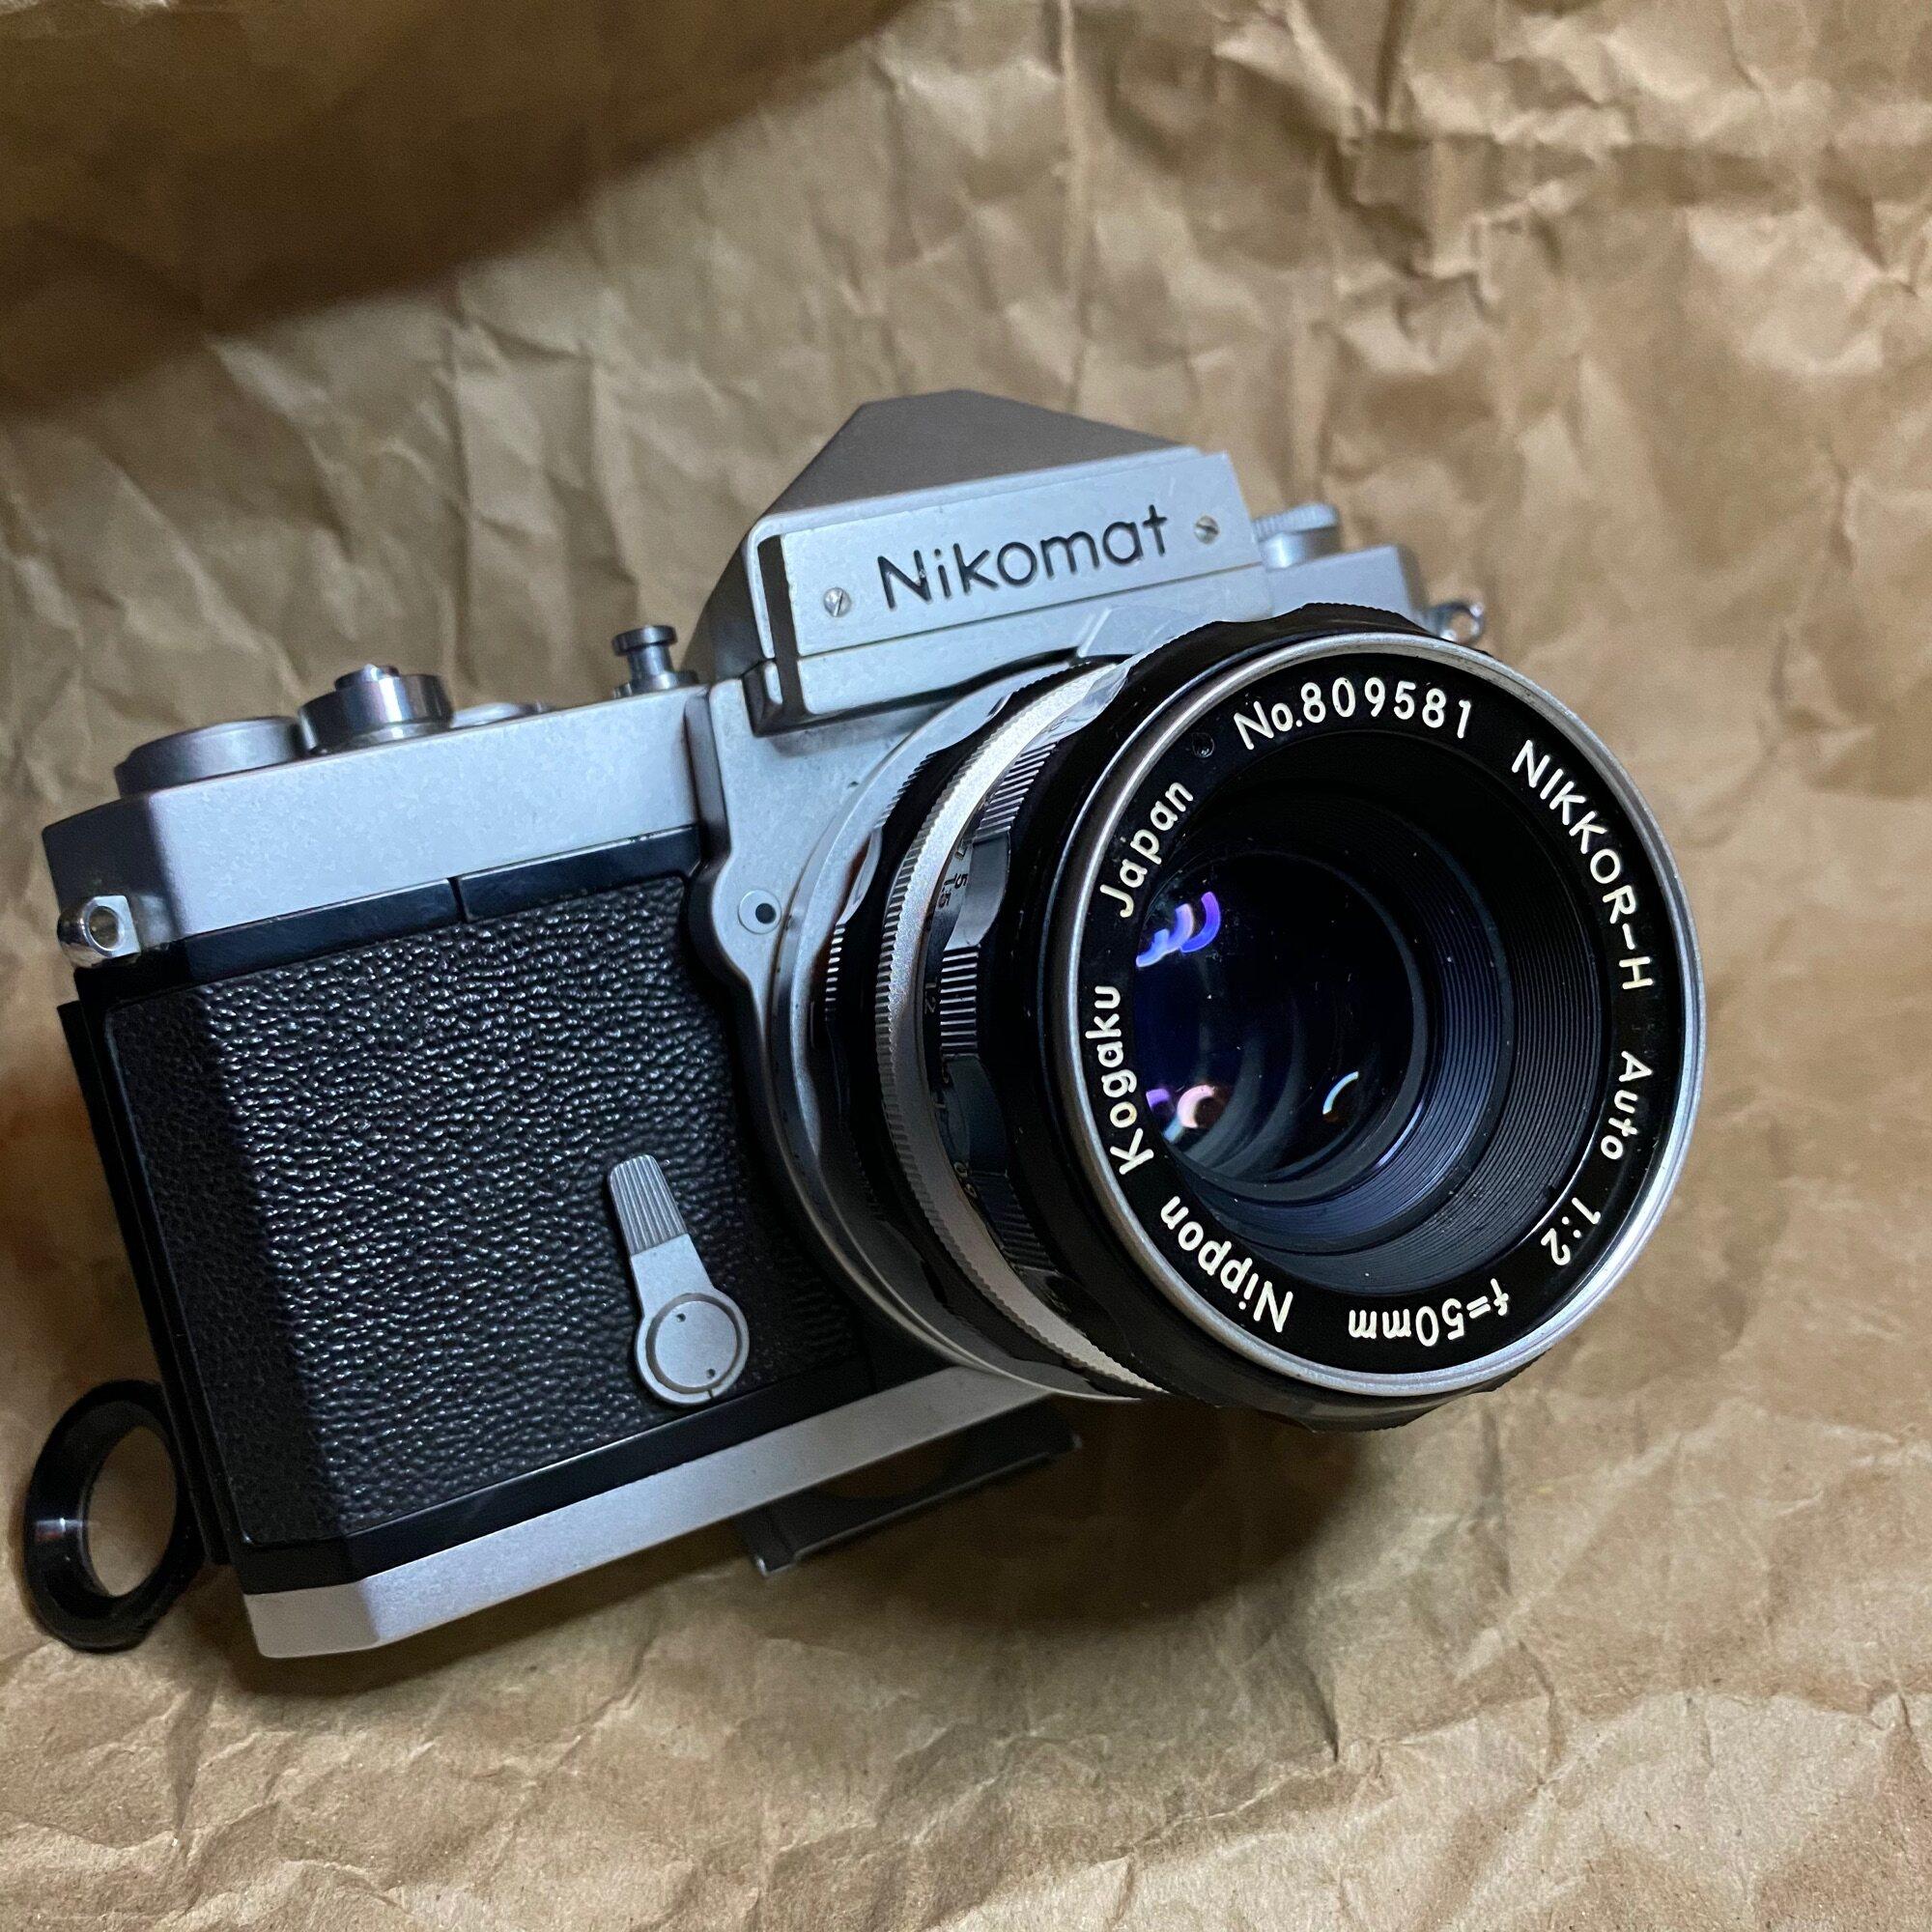 กล้องฟิล์ม Nikon Nikomat Ftn 50mm. 2.0.